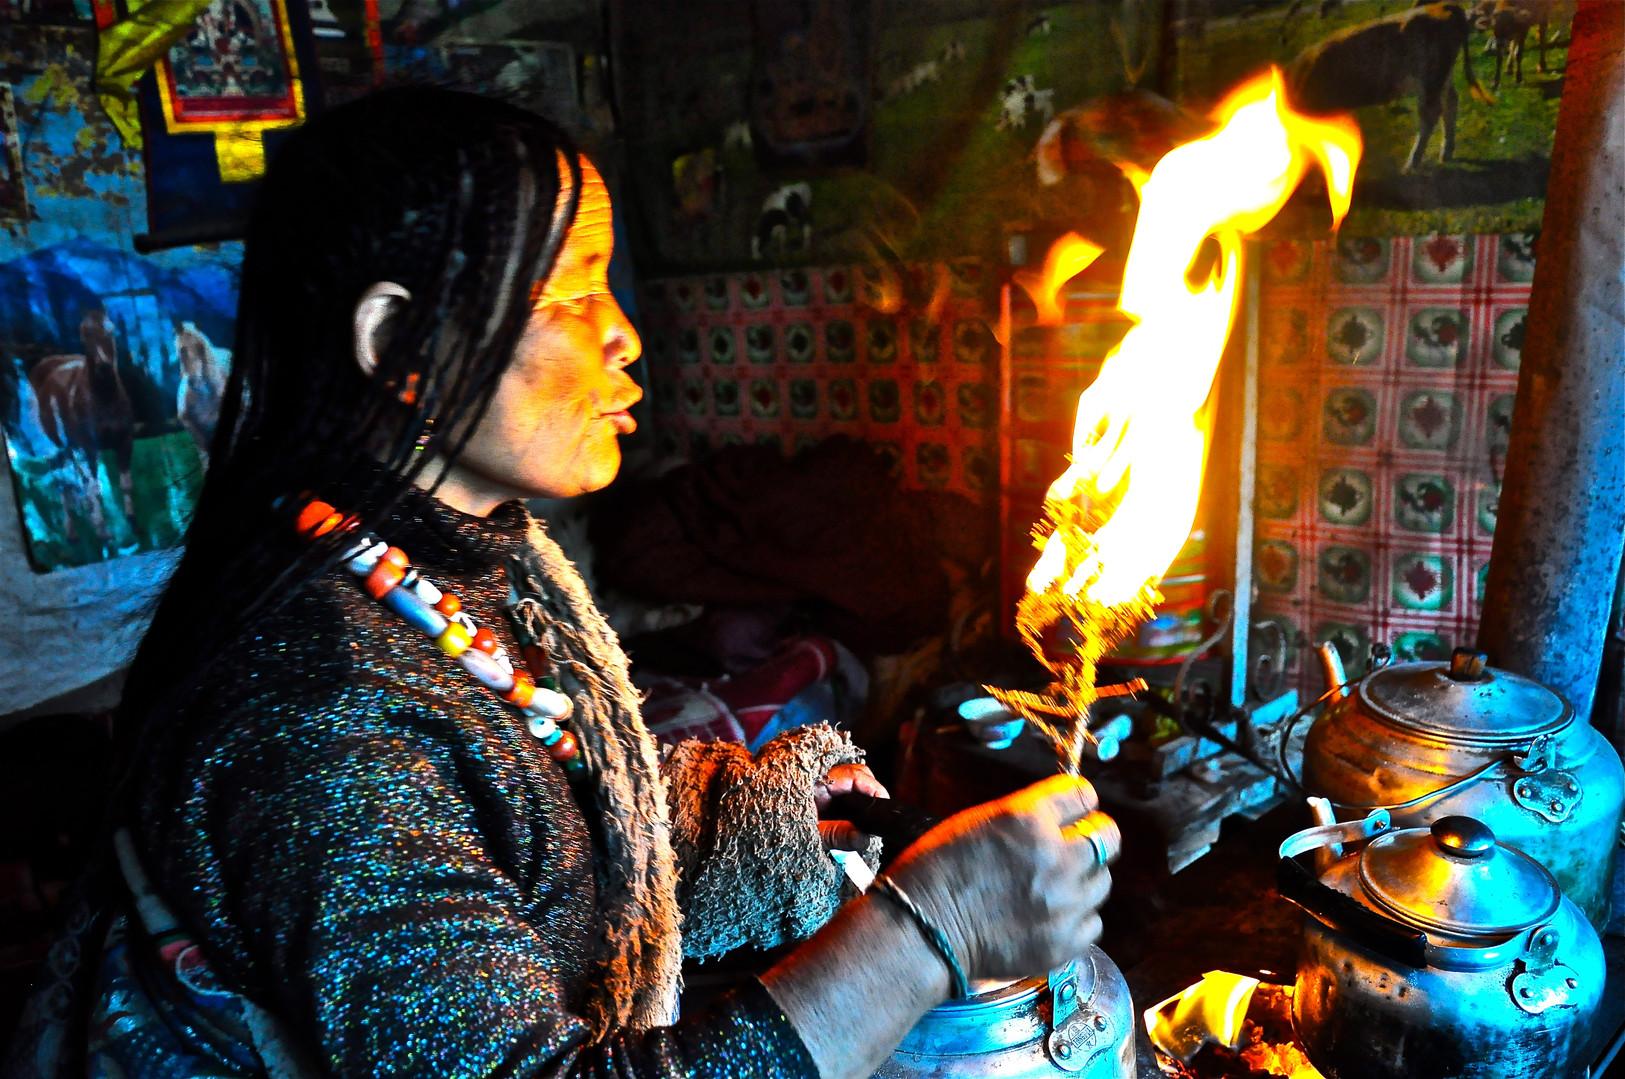 The Cleanse - Amne Machin, Qinghai